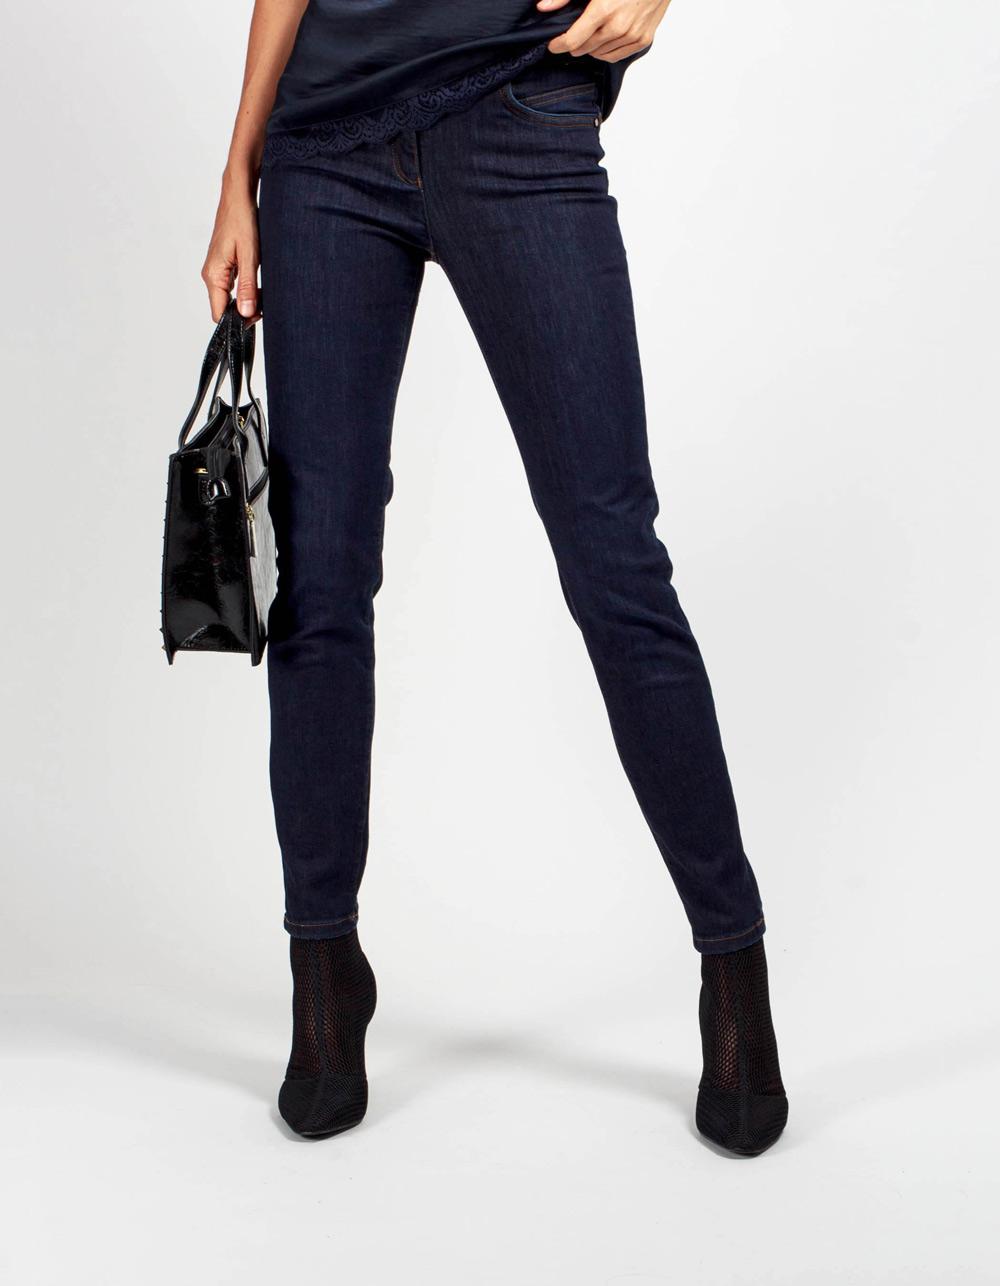 famosa marca de diseñador comprar baratas zapatos de temperamento Pantalones de mujer: pirata, jogging, de vestir... | Comprar ...